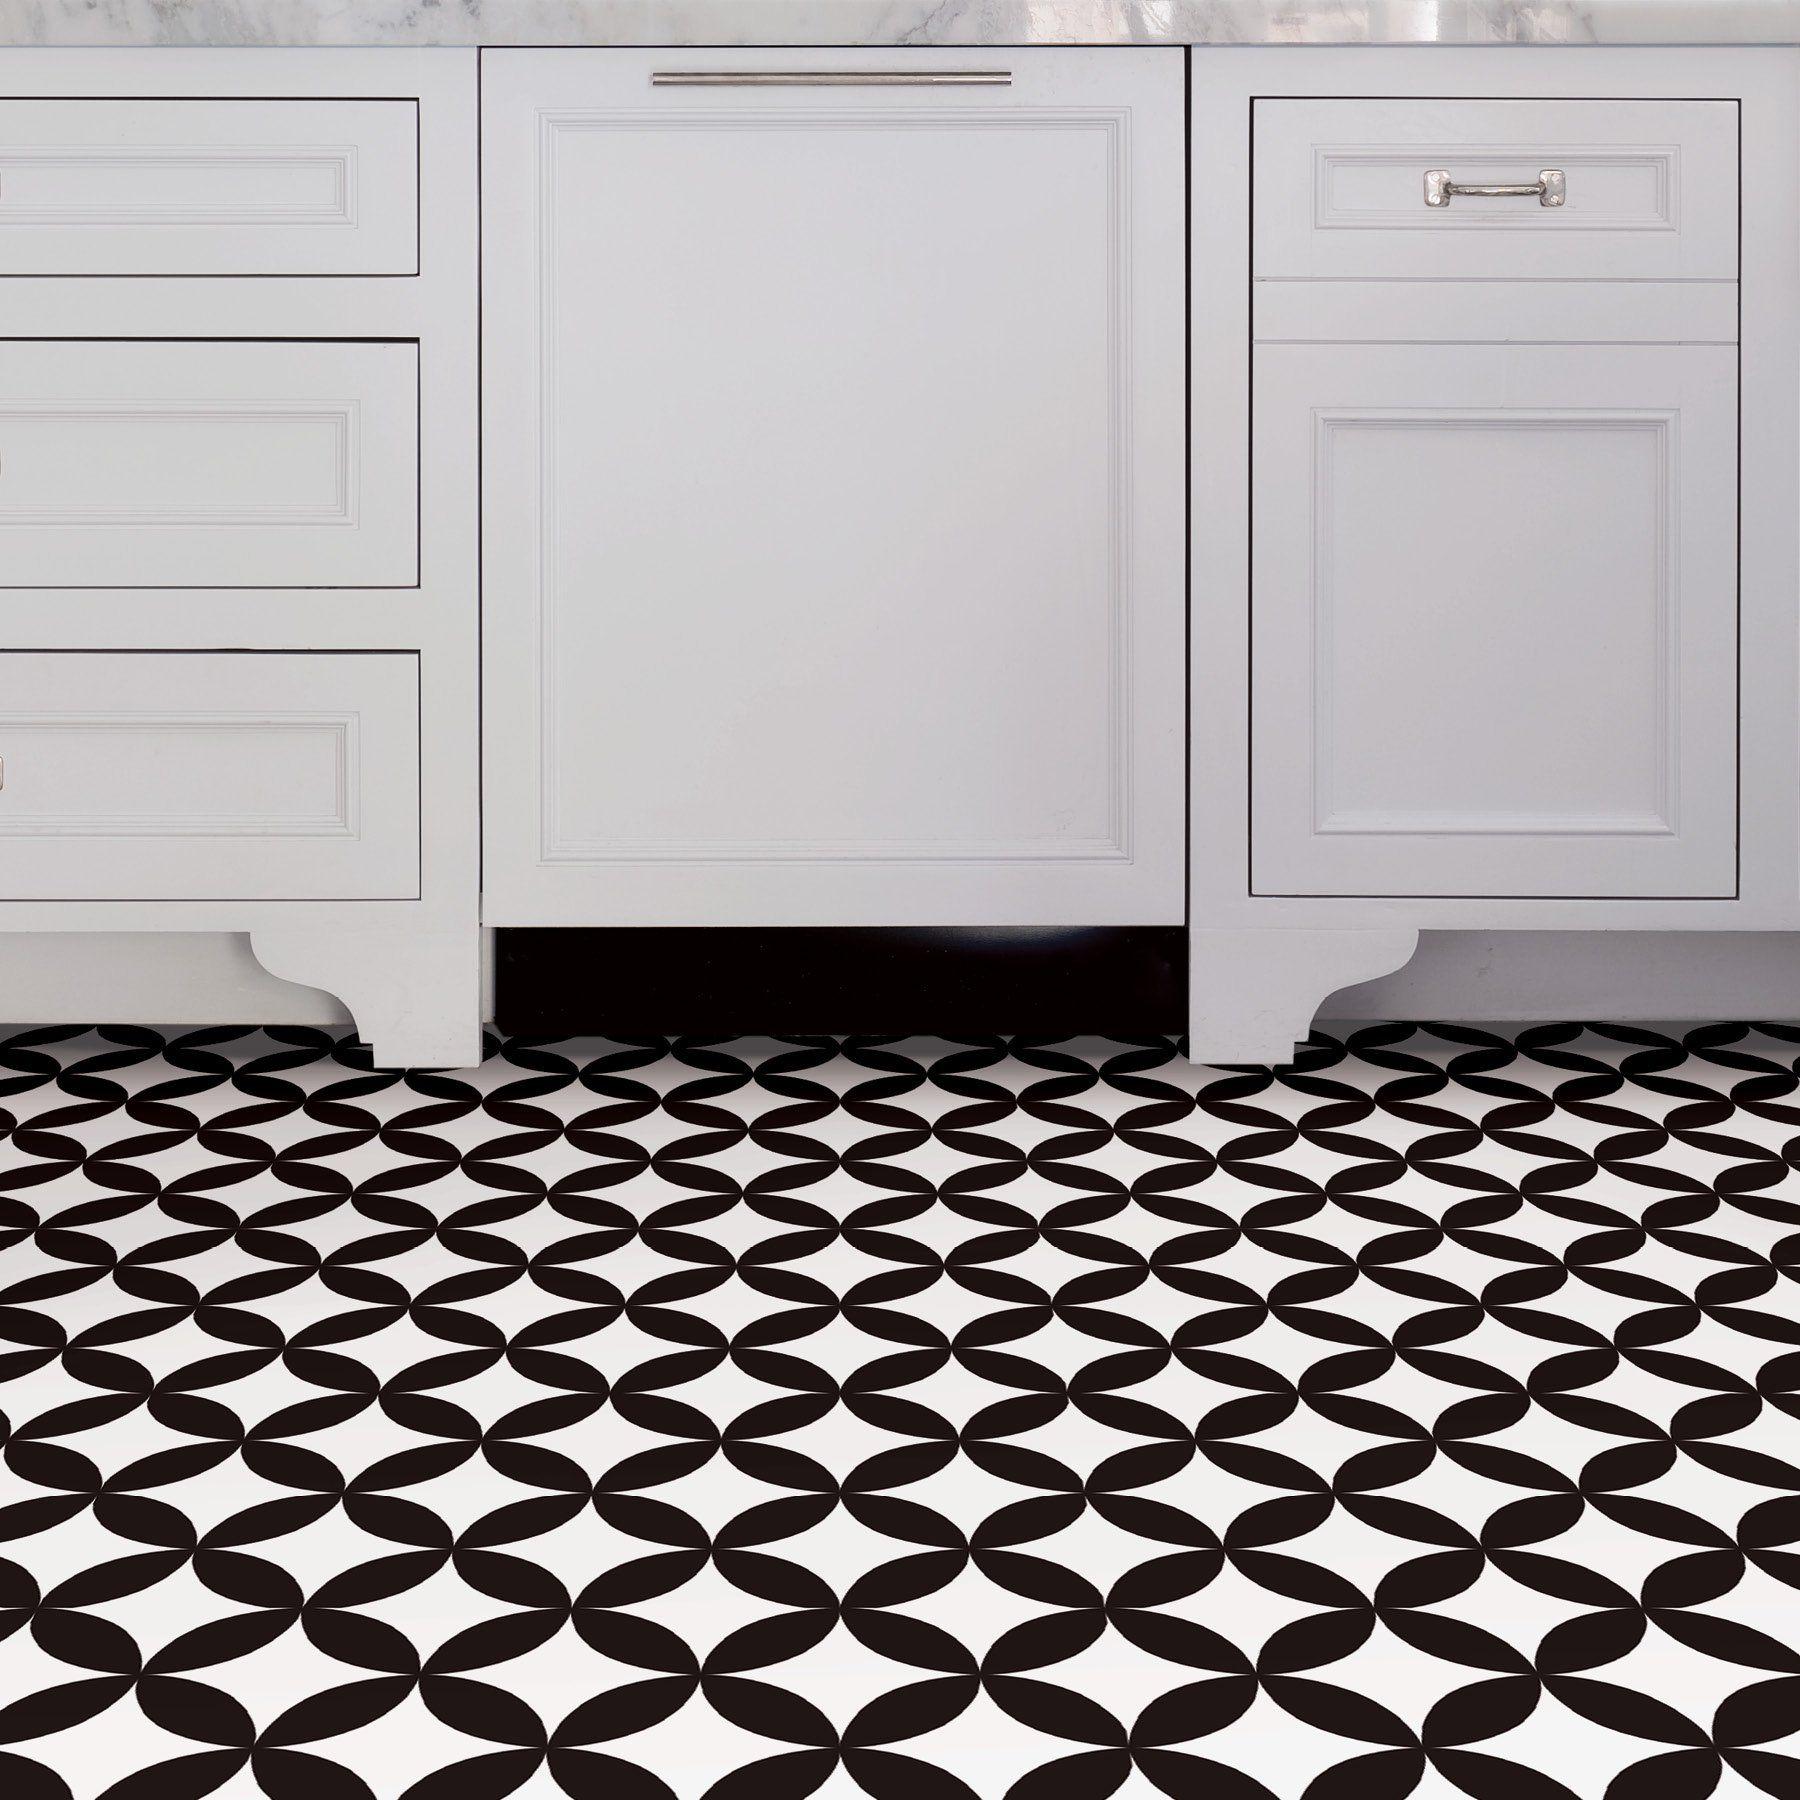 peel and stick virgin vinyl floor tiles